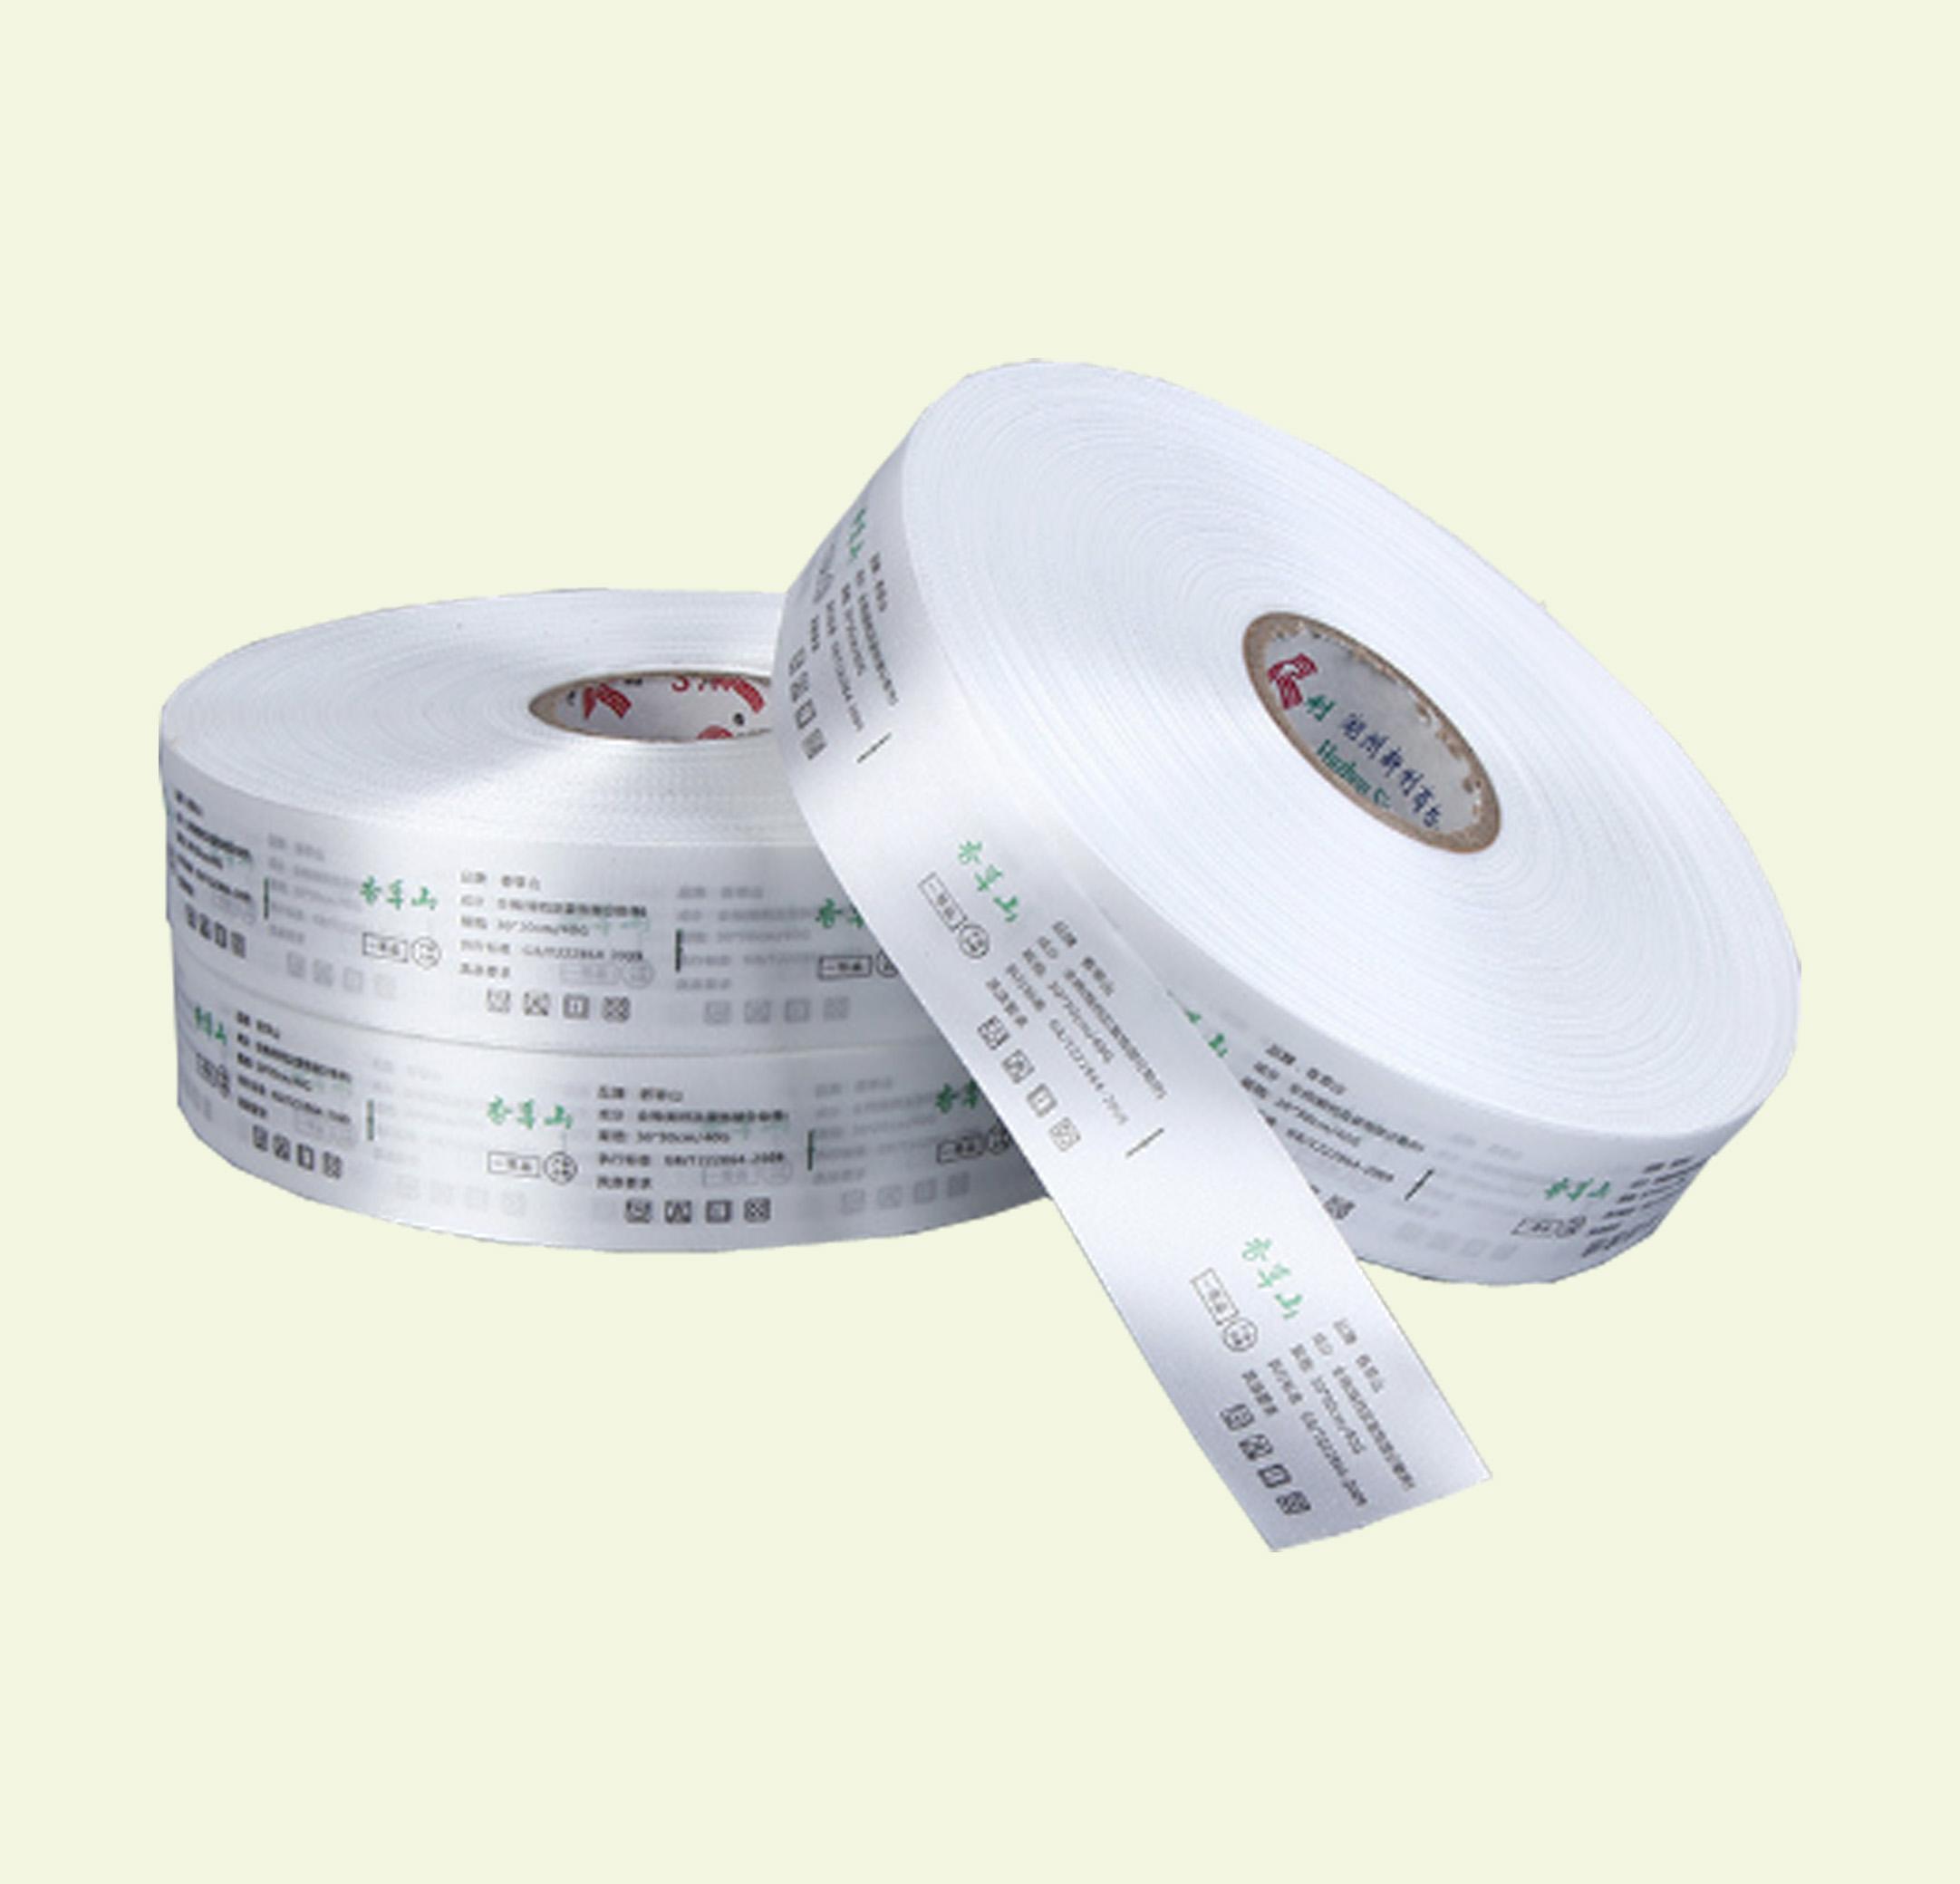 厂家直销布标 热转印缎带标 服装商标定制 热转印缎带标定制